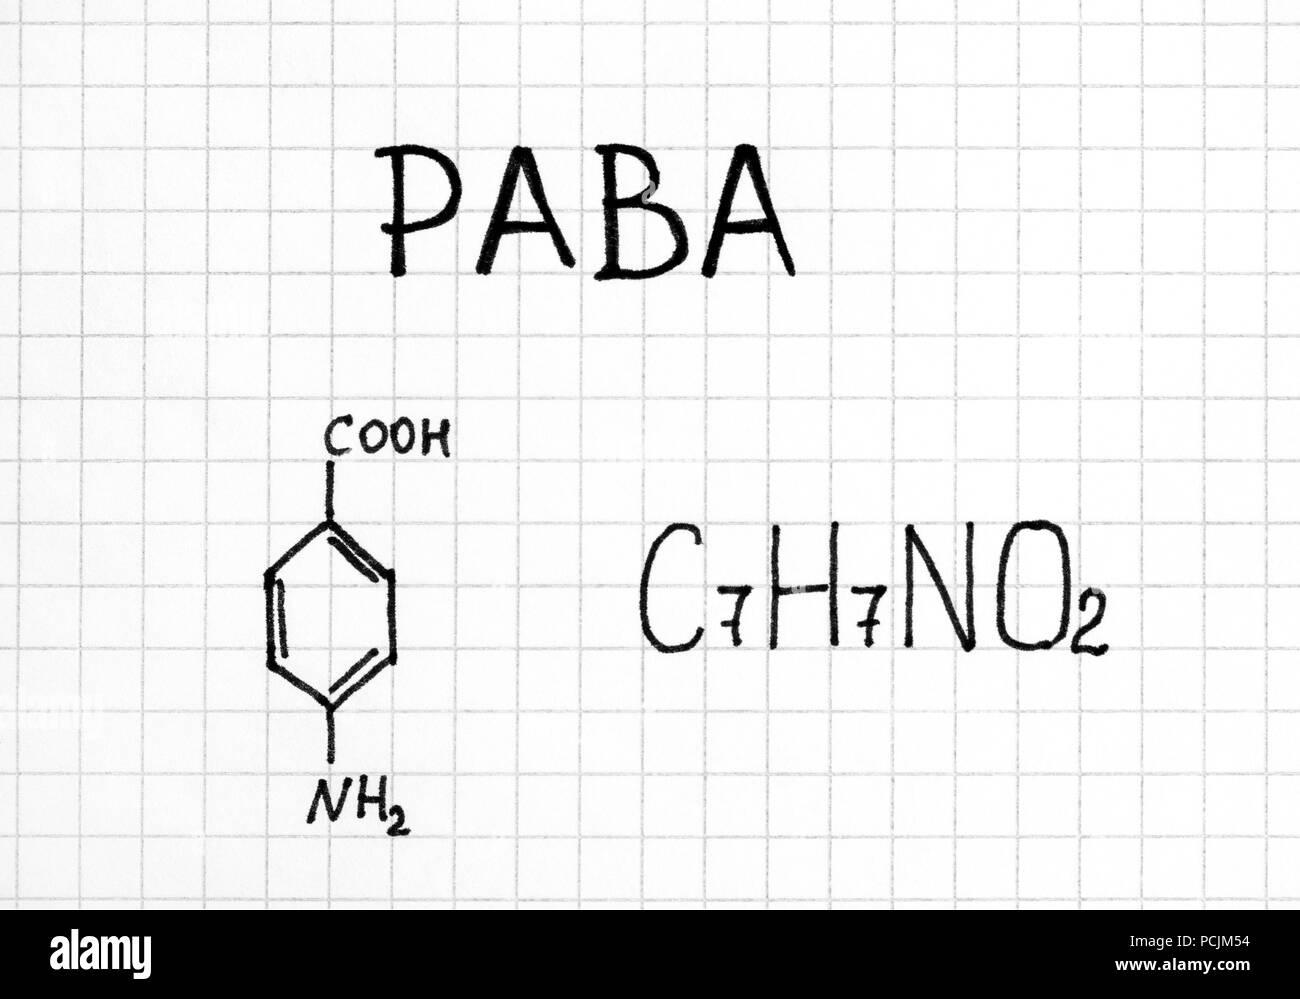 Chemical formula of PABA. Close-up. - Stock Image